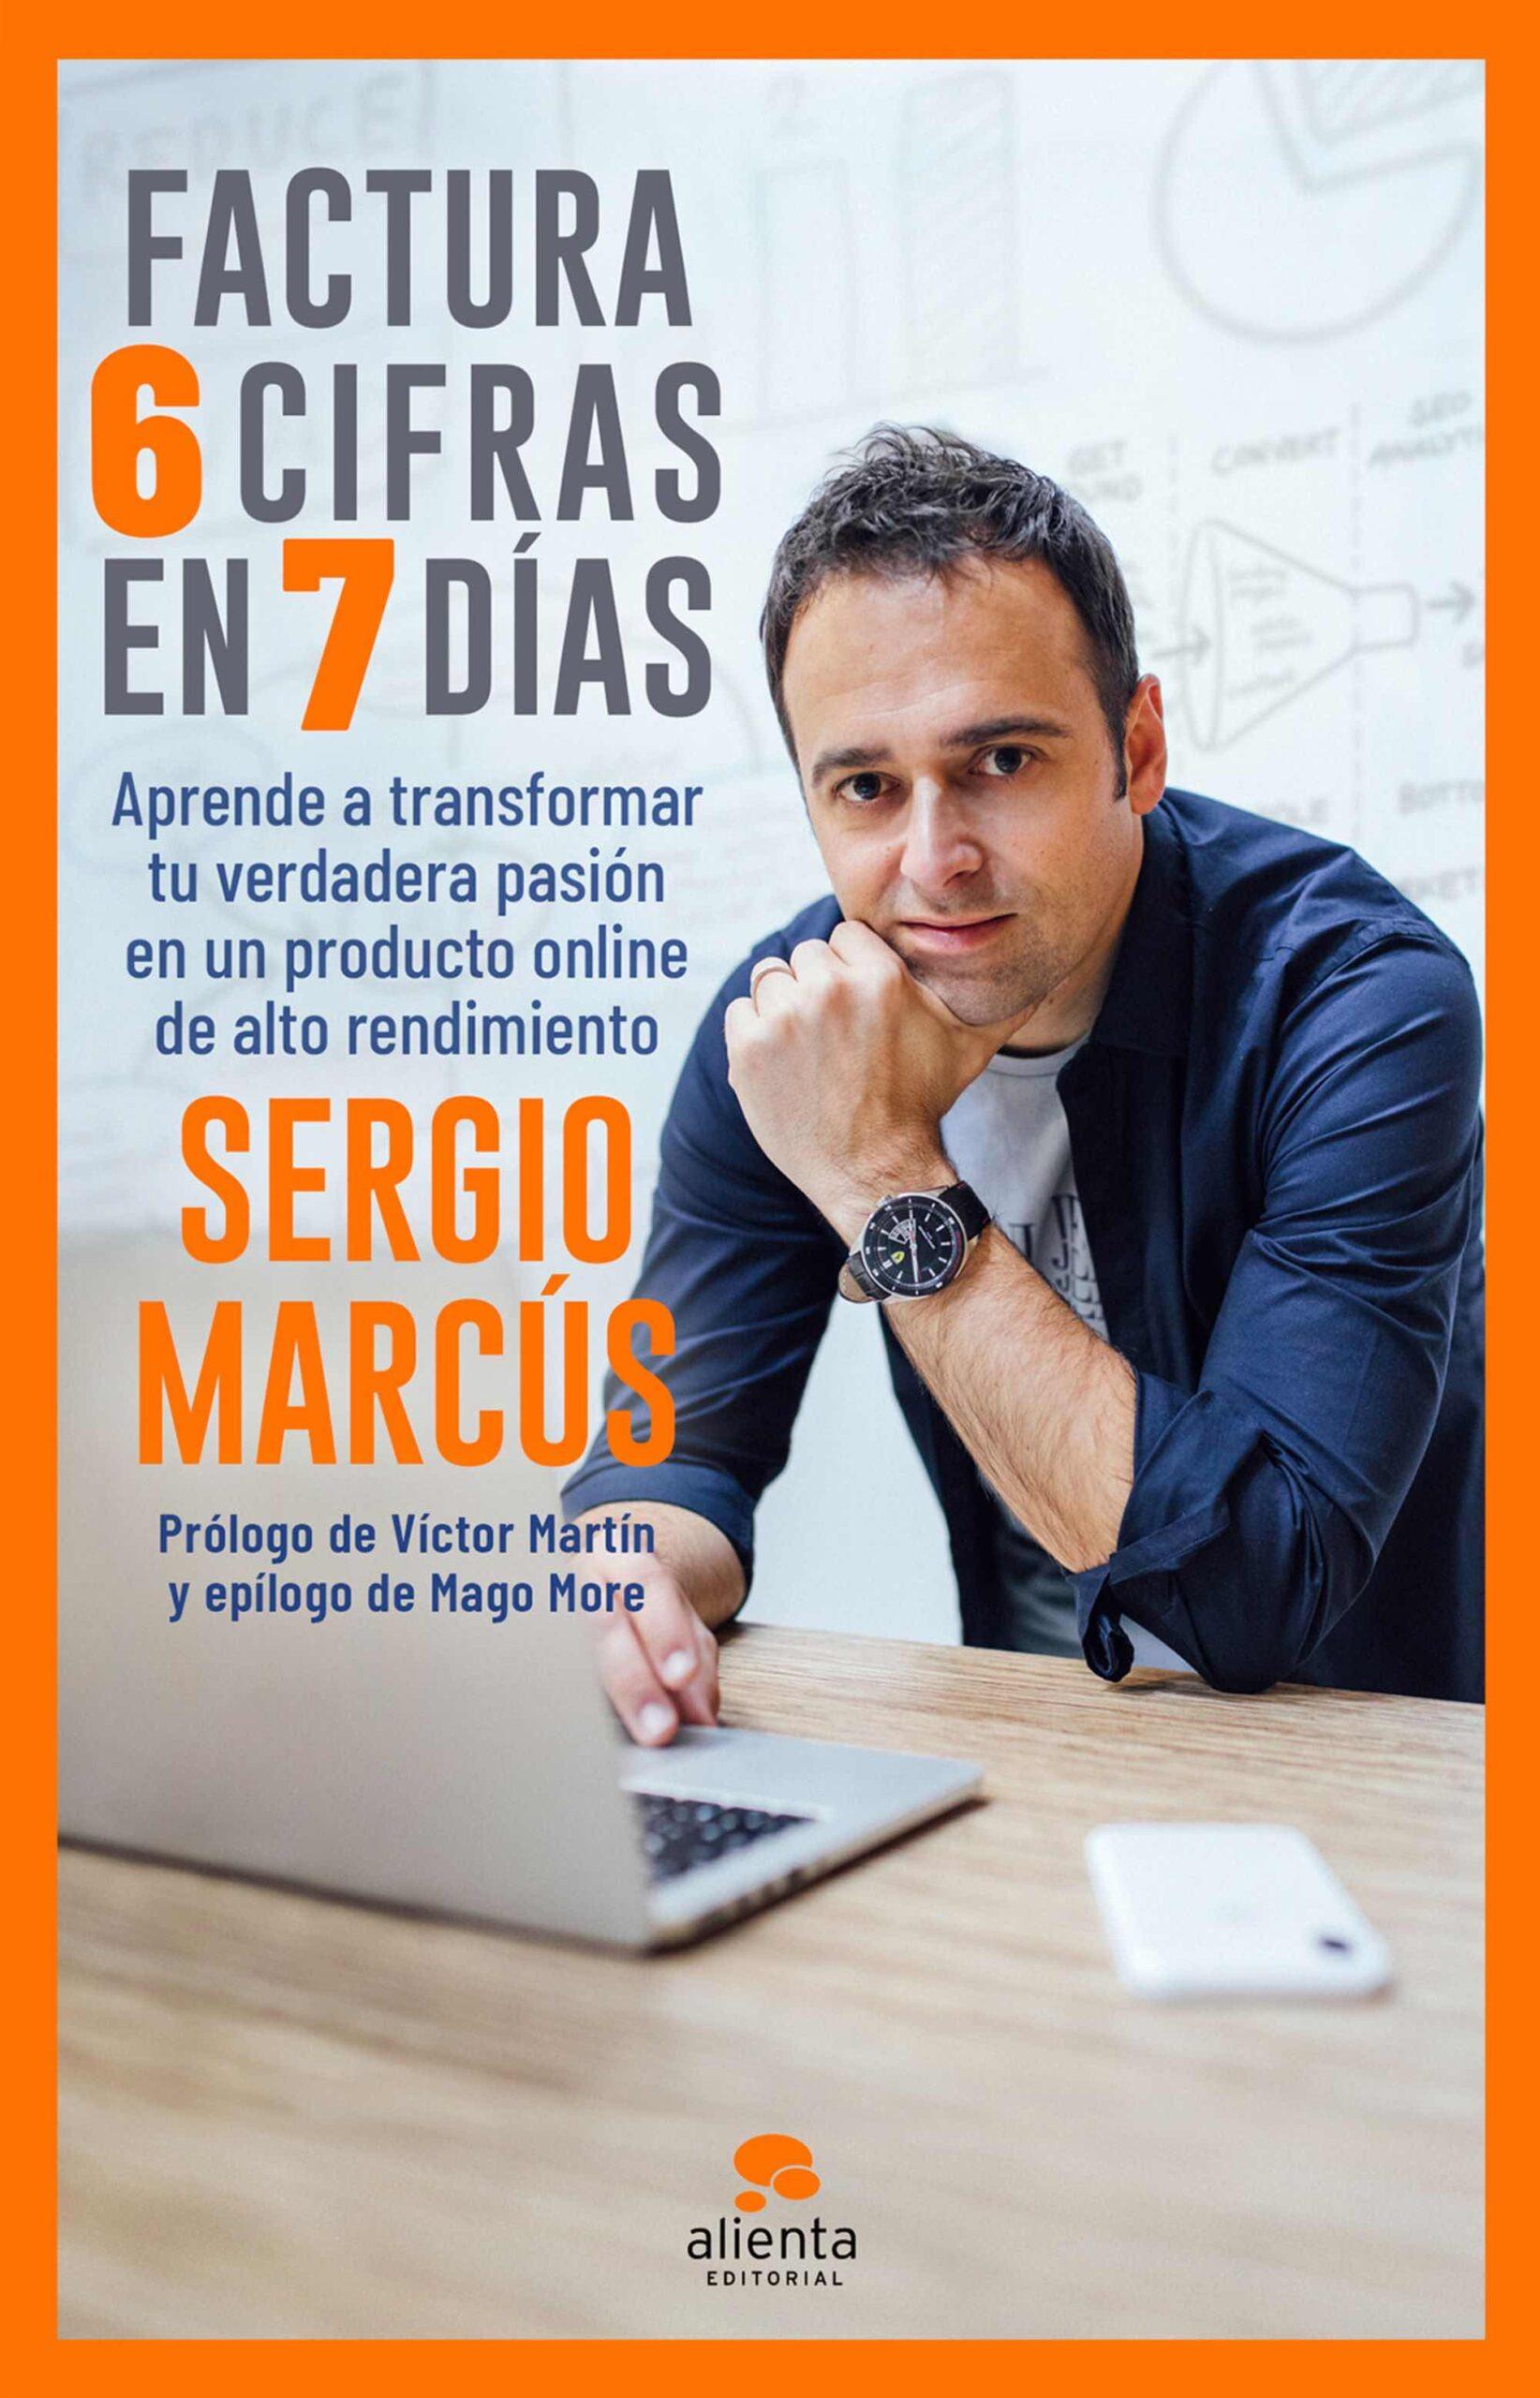 Factura 6 cifras en 7 días de Sergio Marcús